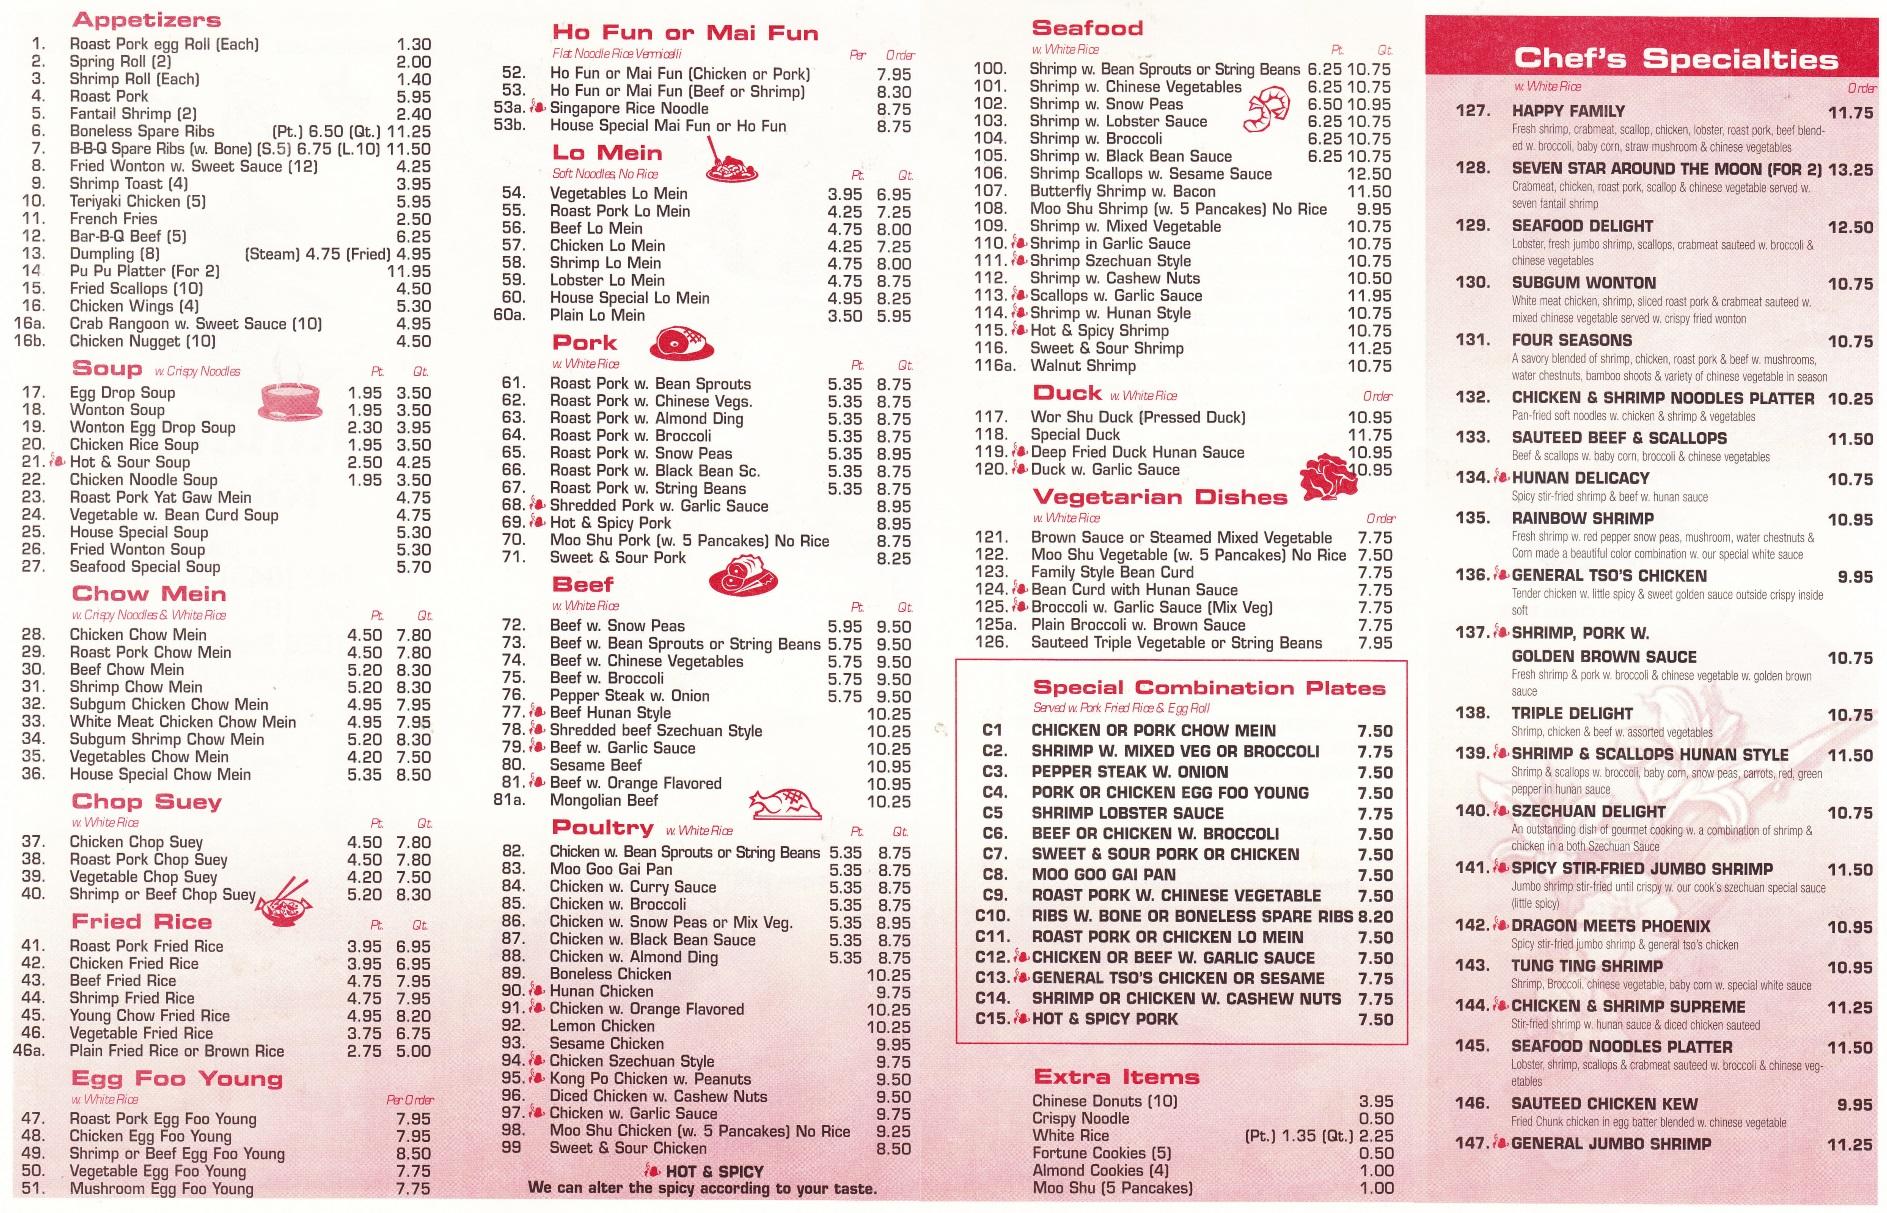 Whereisthemenunet  Chinatown Kitchen  Montgomery NY 12549